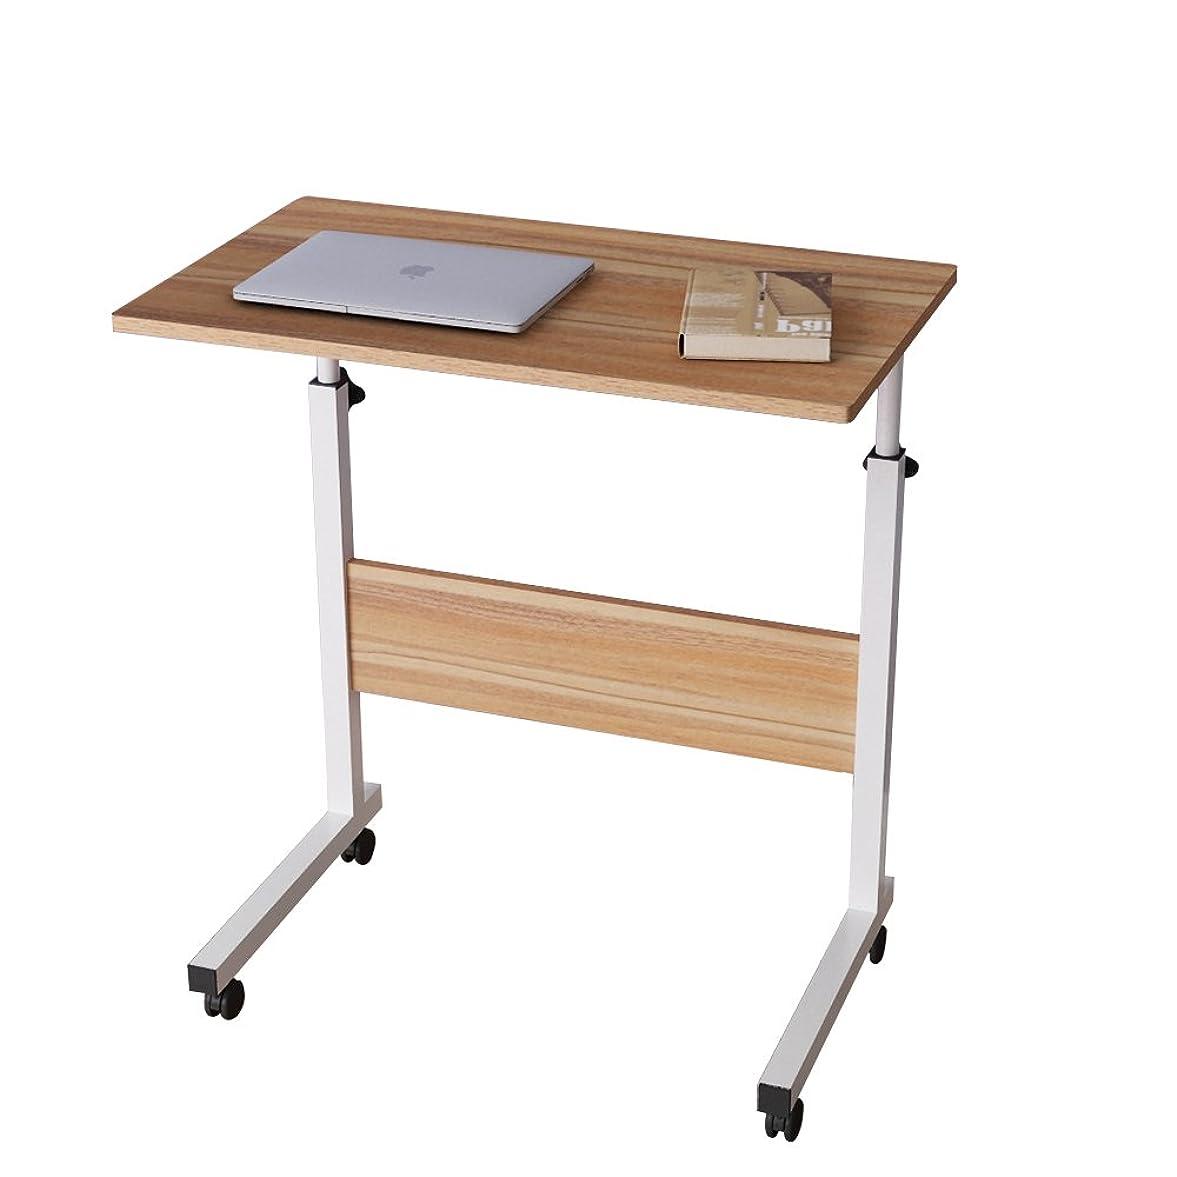 見習い親キャンディーSoges 昇降式サイドテーブル ノートパソコンスタンド 可移動デスク キャスター付きデスク(ナチュラル, 60cm)